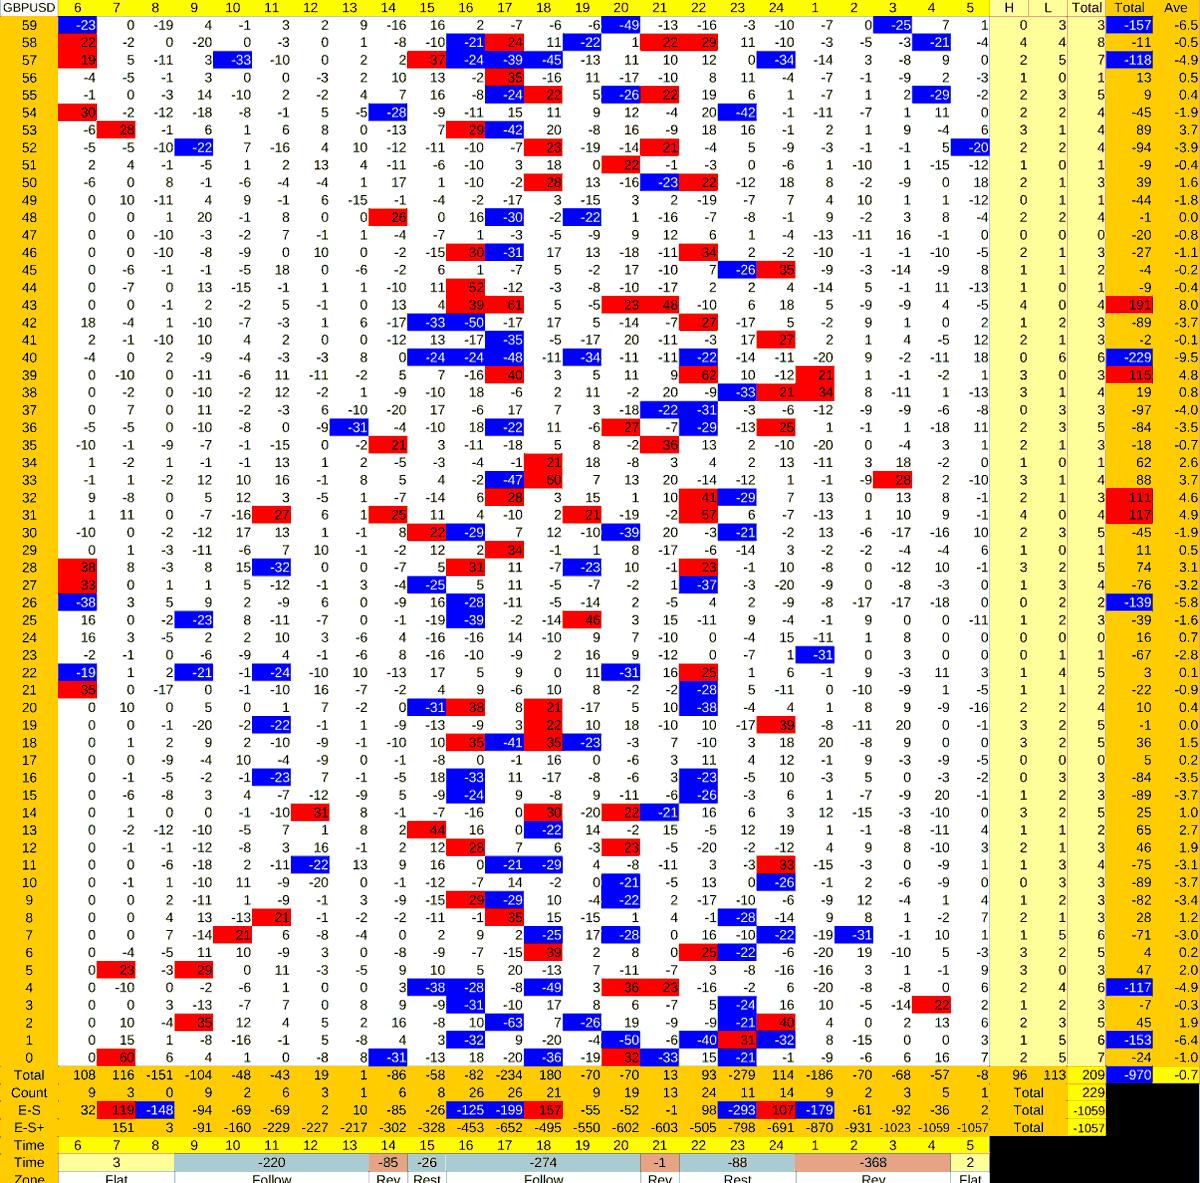 20210819_HS(2)GBPUSD